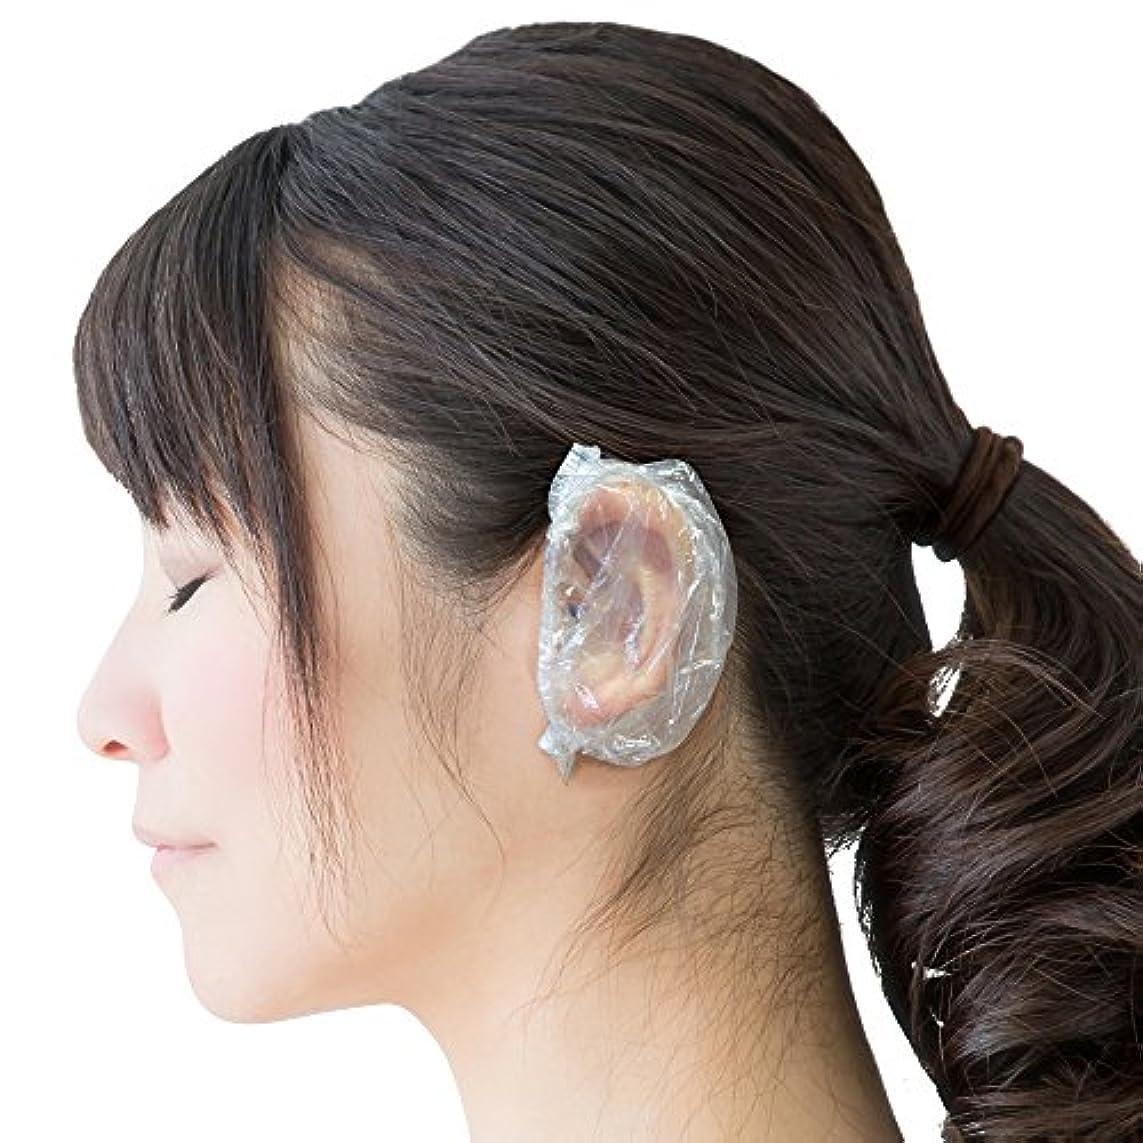 月曜日ではごきげんよう予防接種【Fiveten】 耳キャップ イヤーキャップ 耳カバー 毛染め 使い捨て 100個